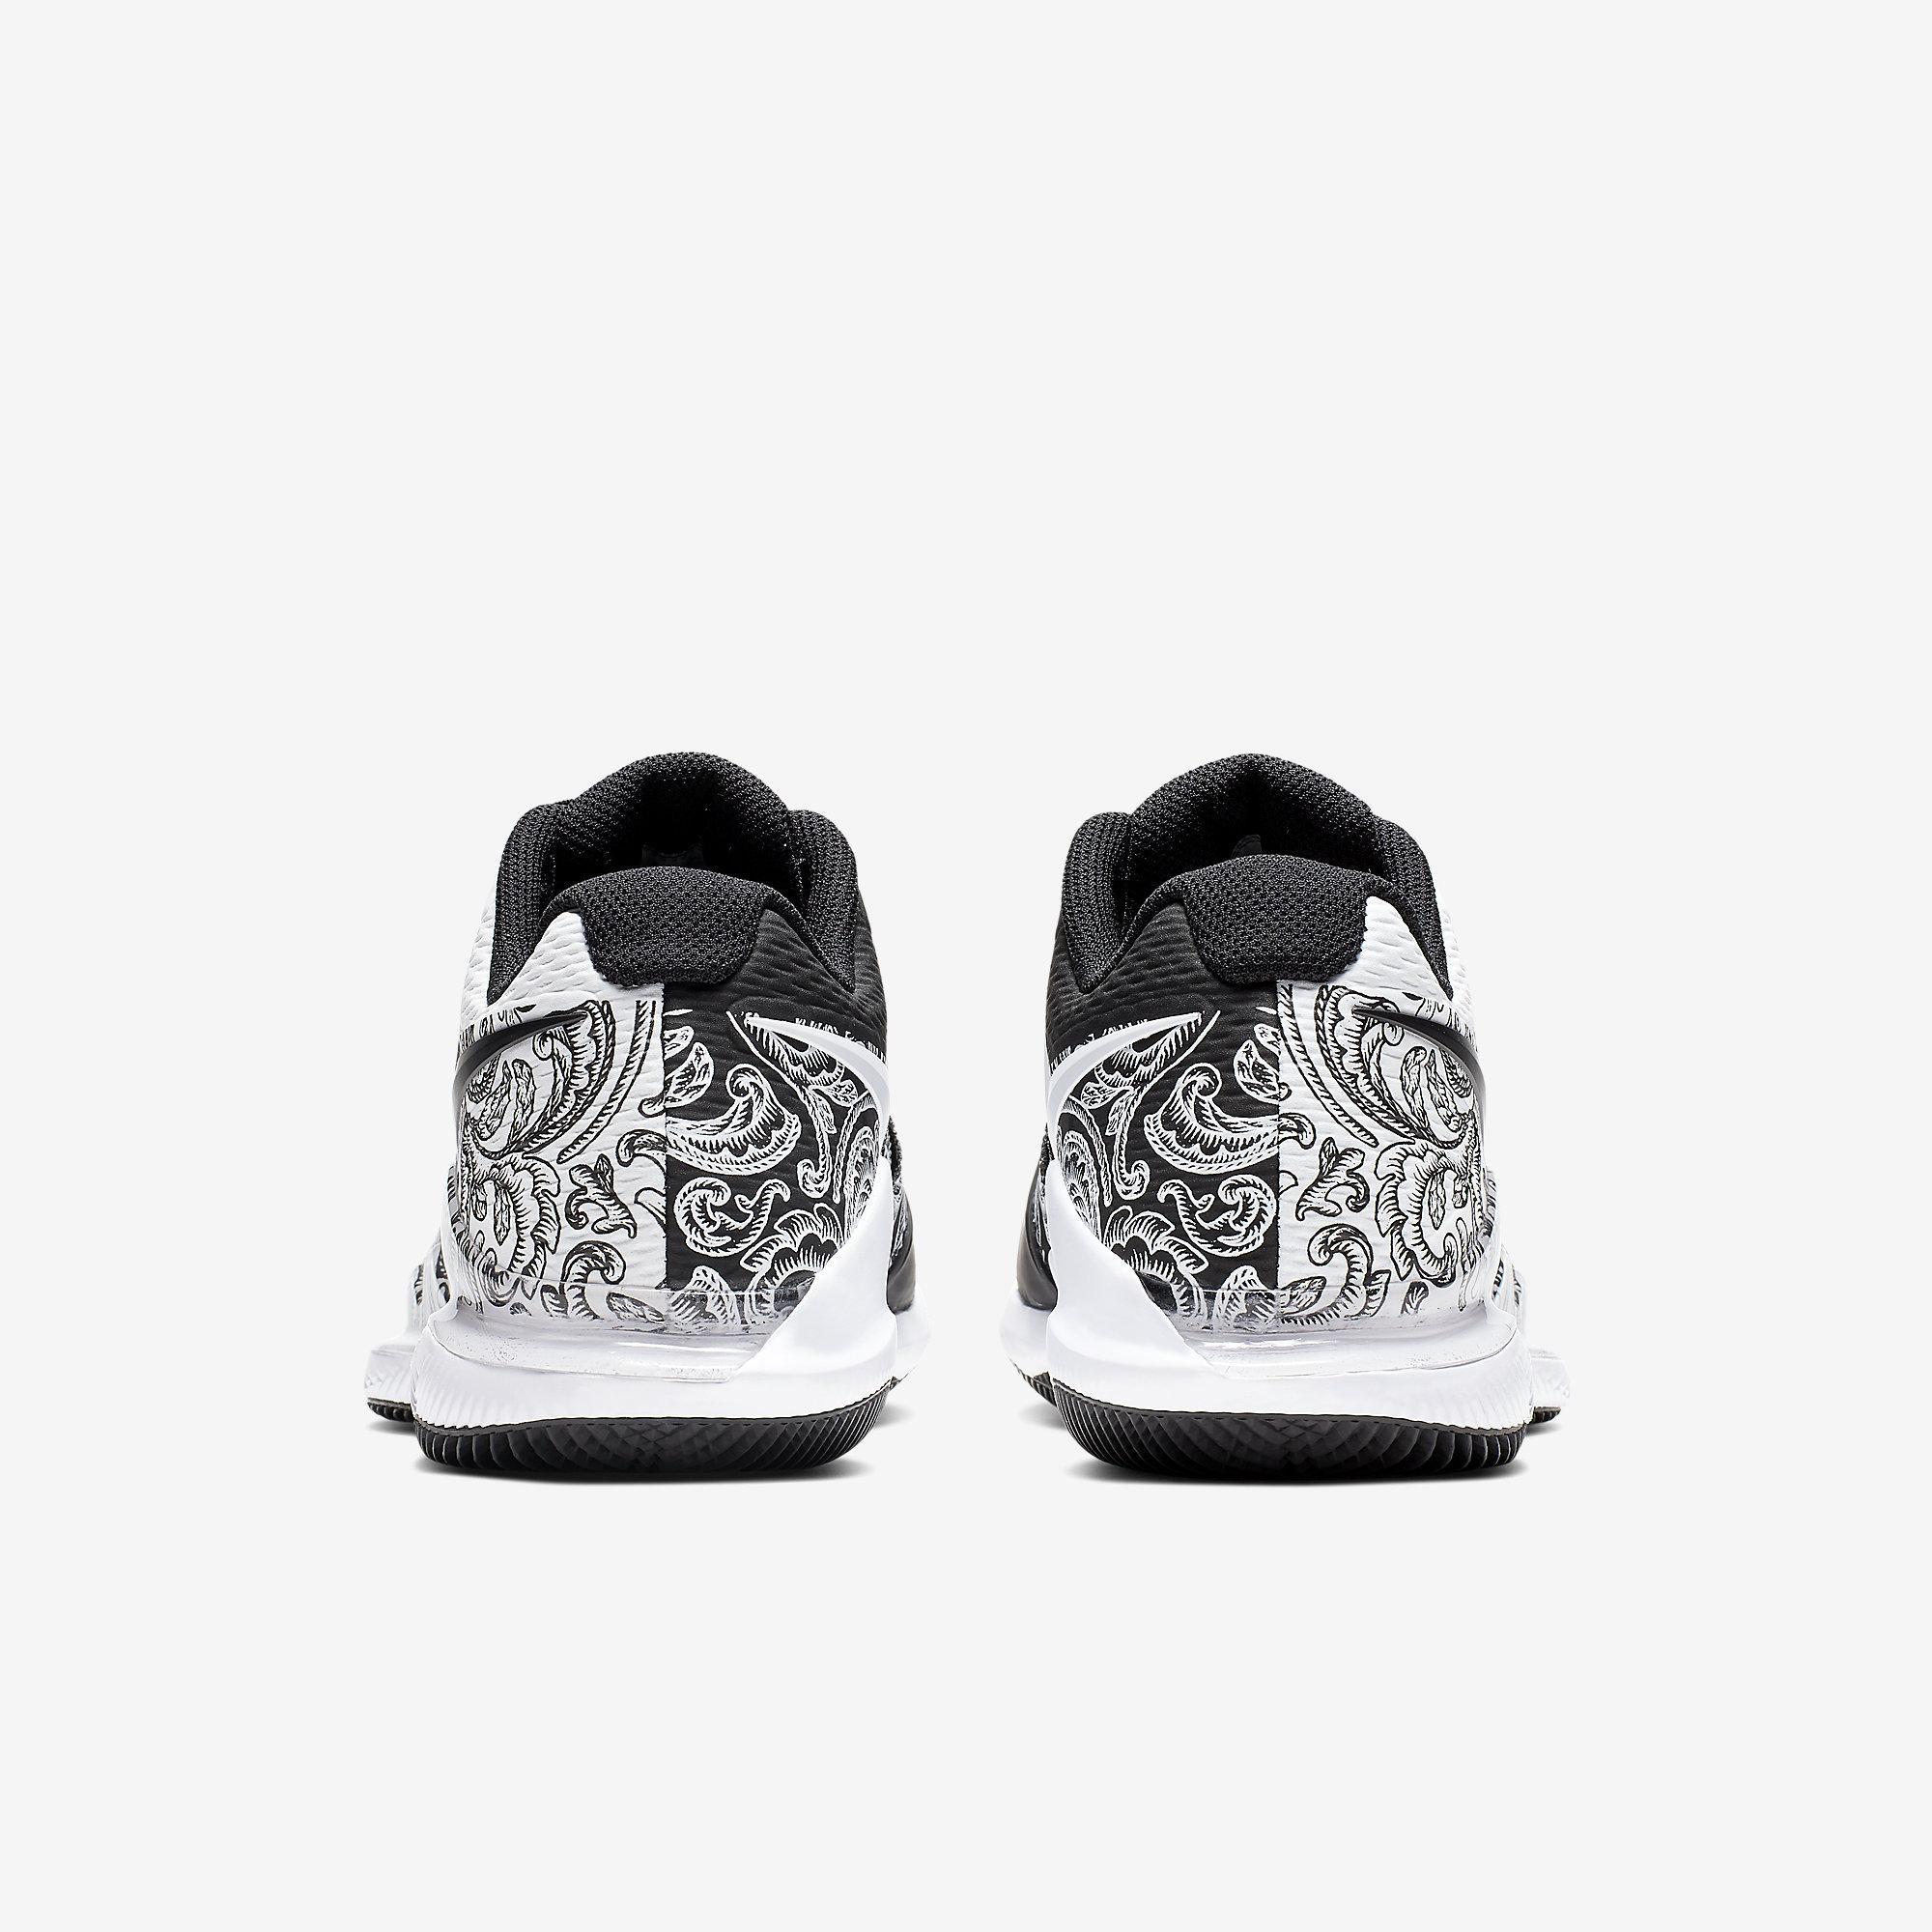 Nike Womens Air Zoom Vapor X Tennis Shoes WhiteBlack